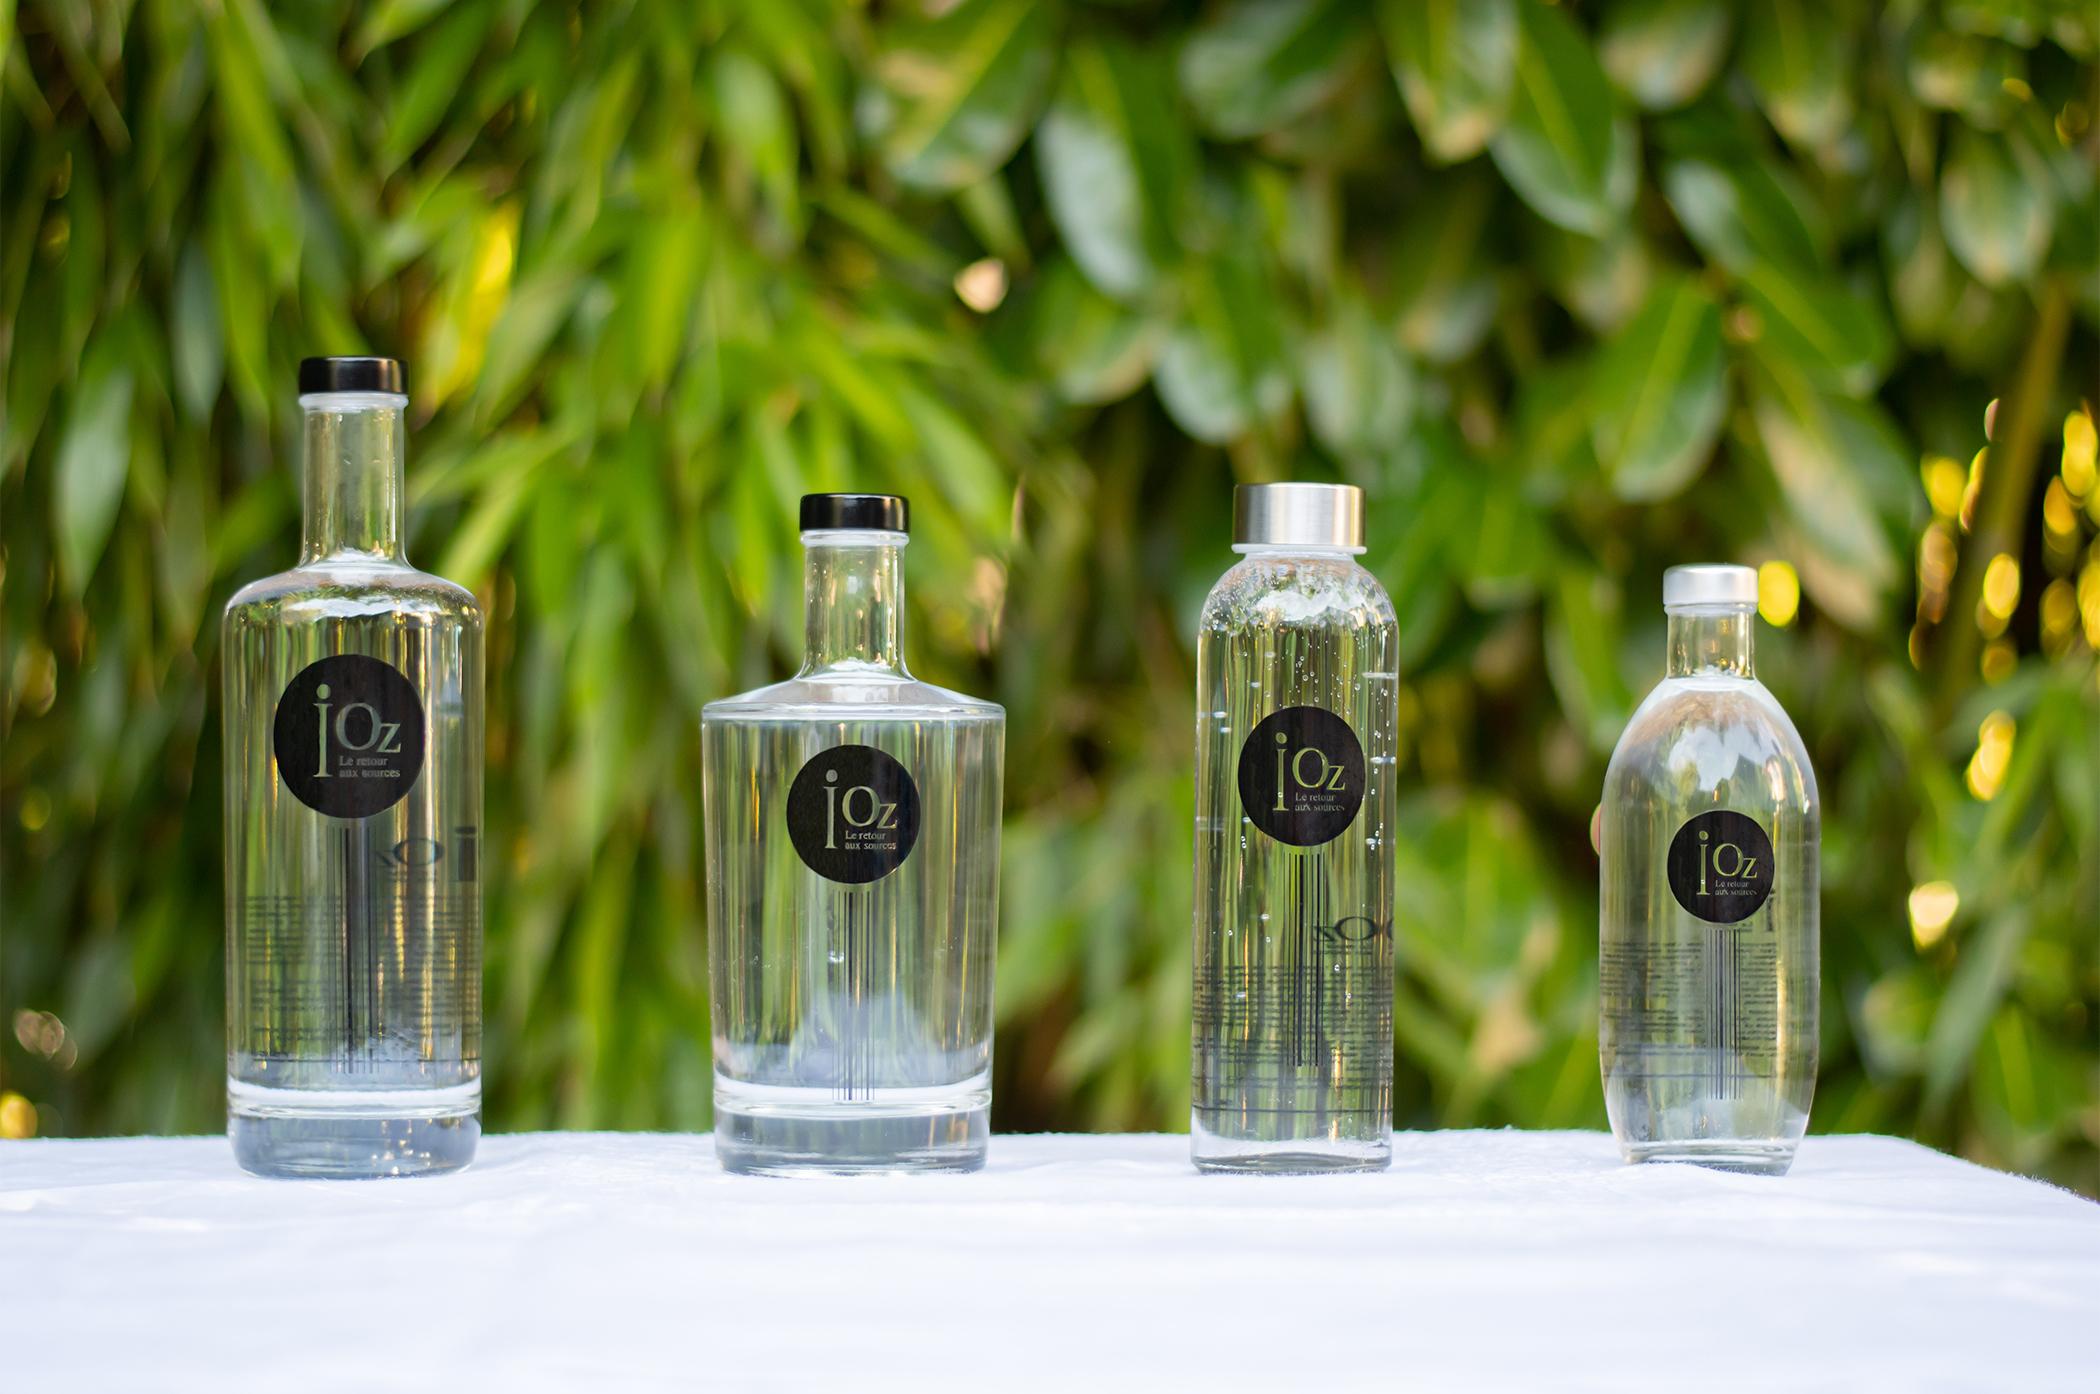 photo des différentes bouteilles iOz